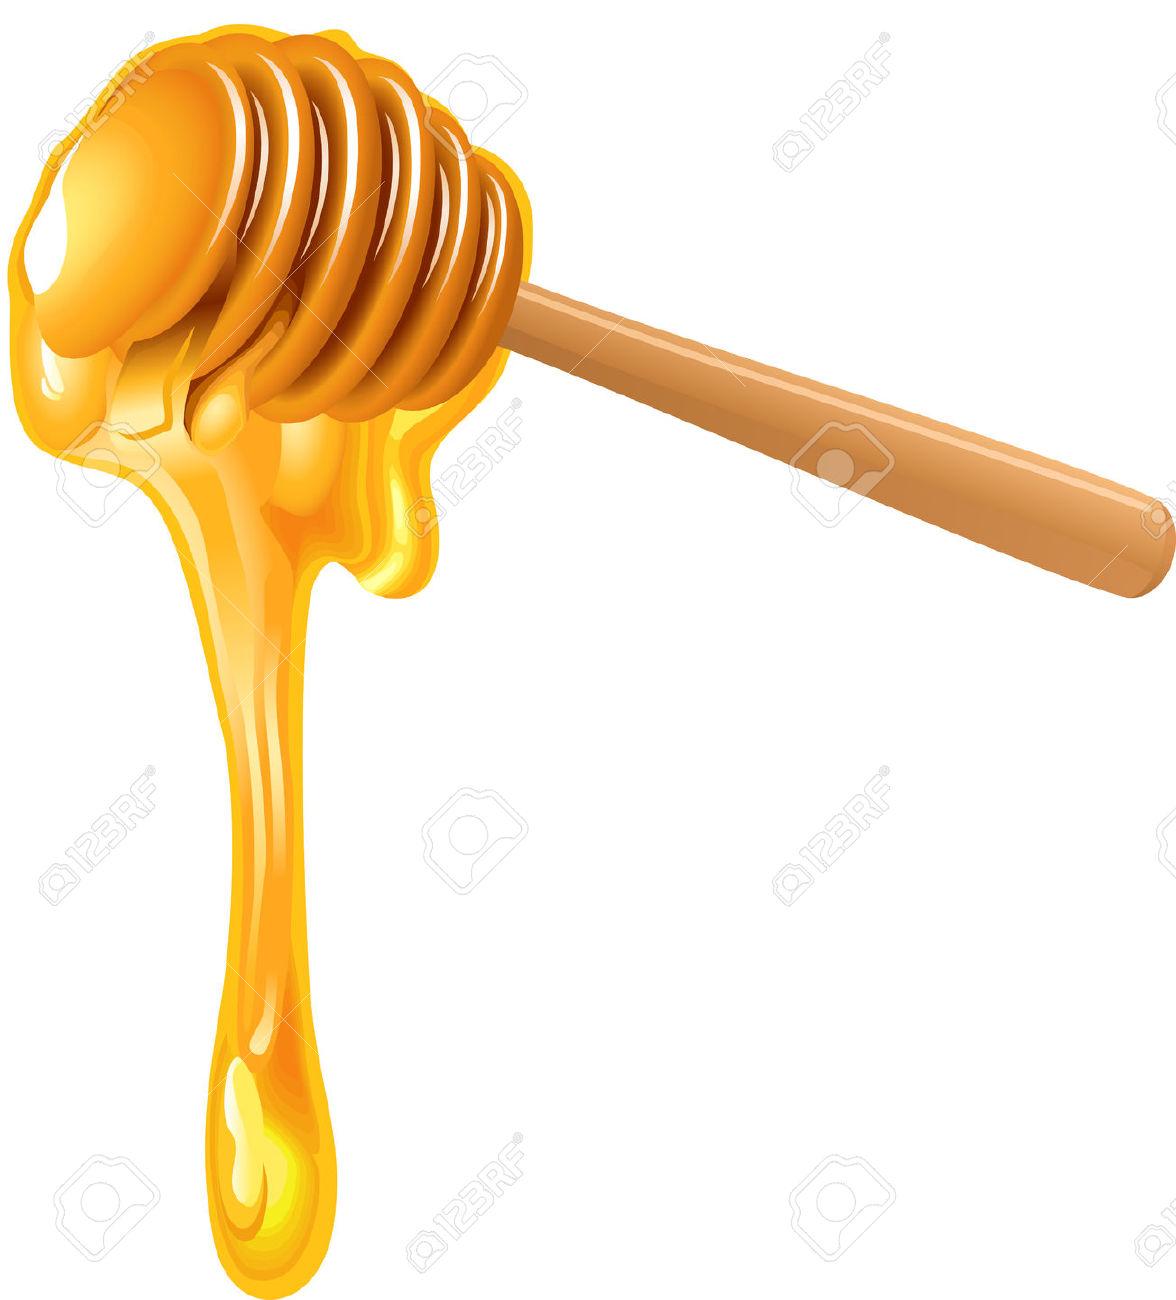 Honey dipper clipart.